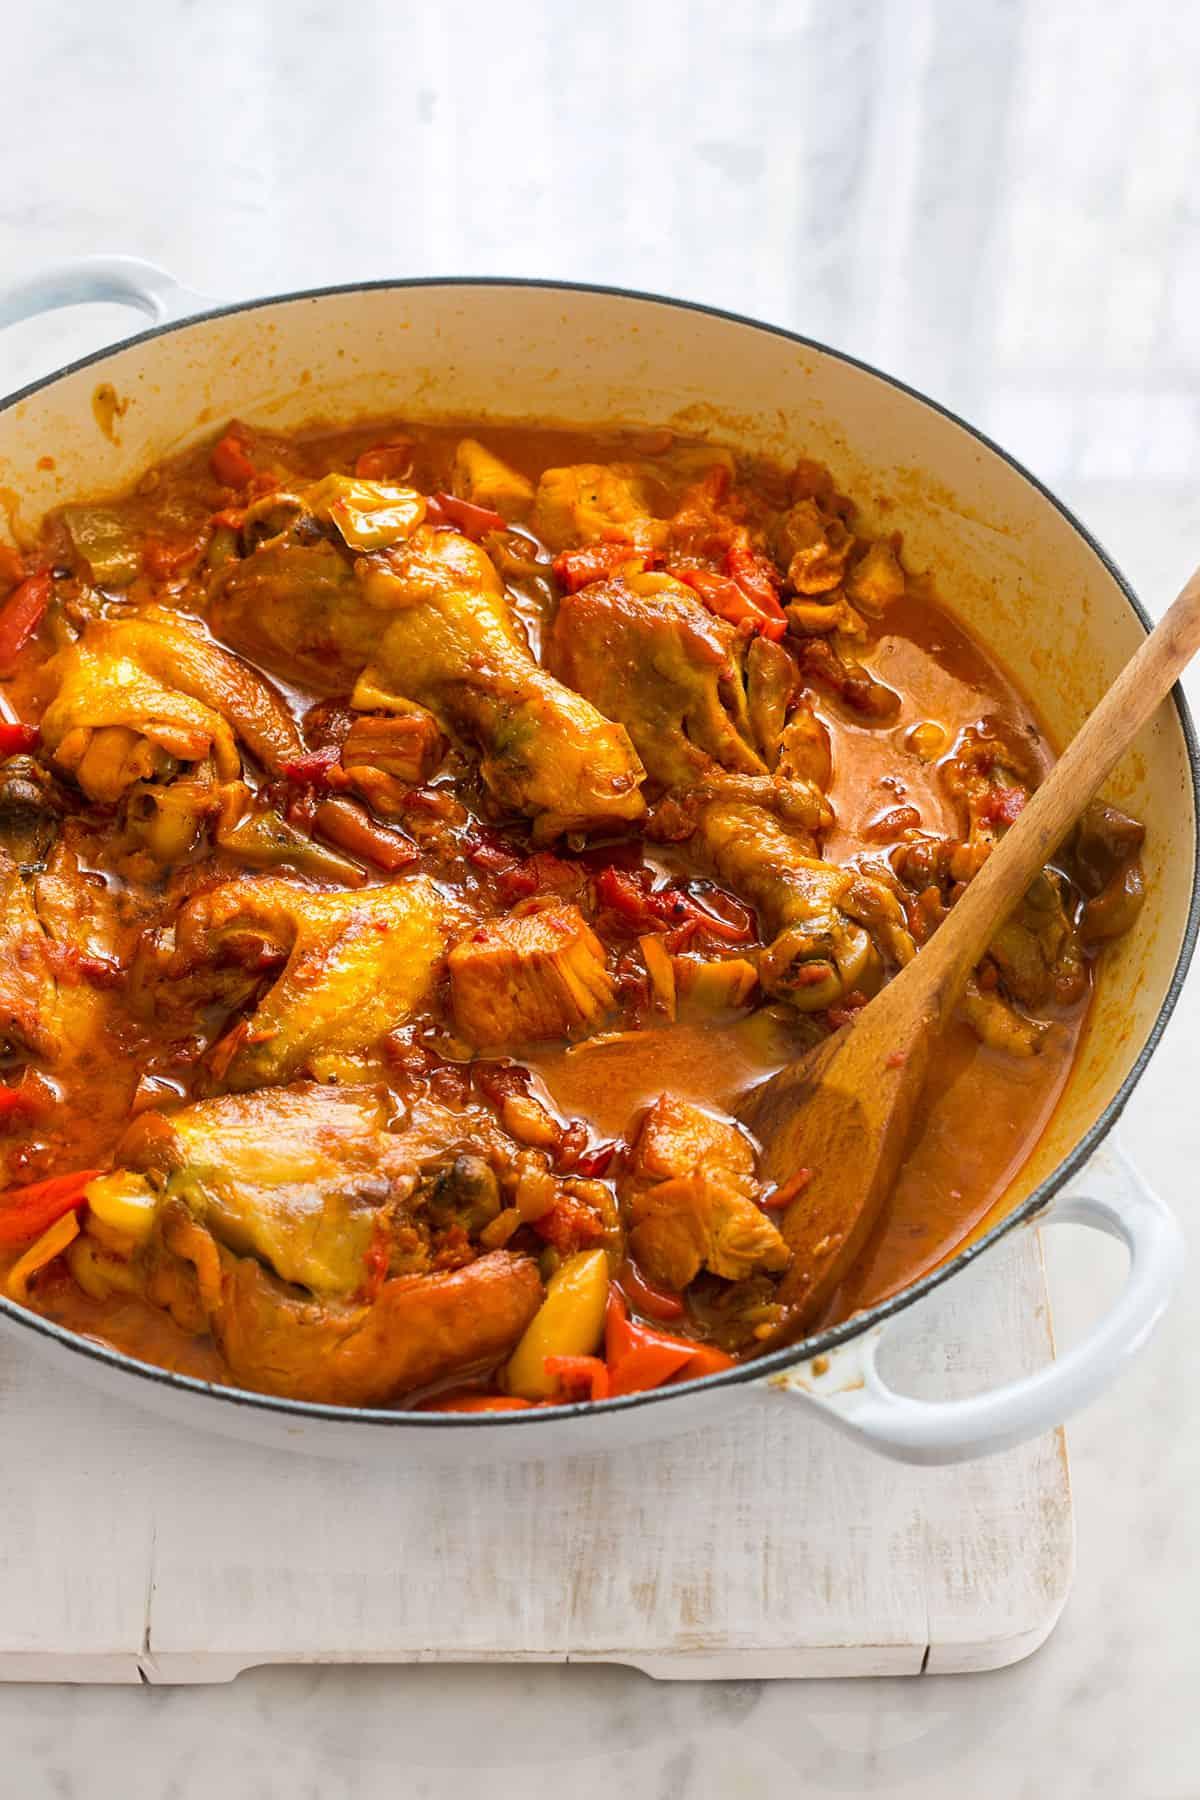 Pollo con pimientos cocinado en una cazuela.